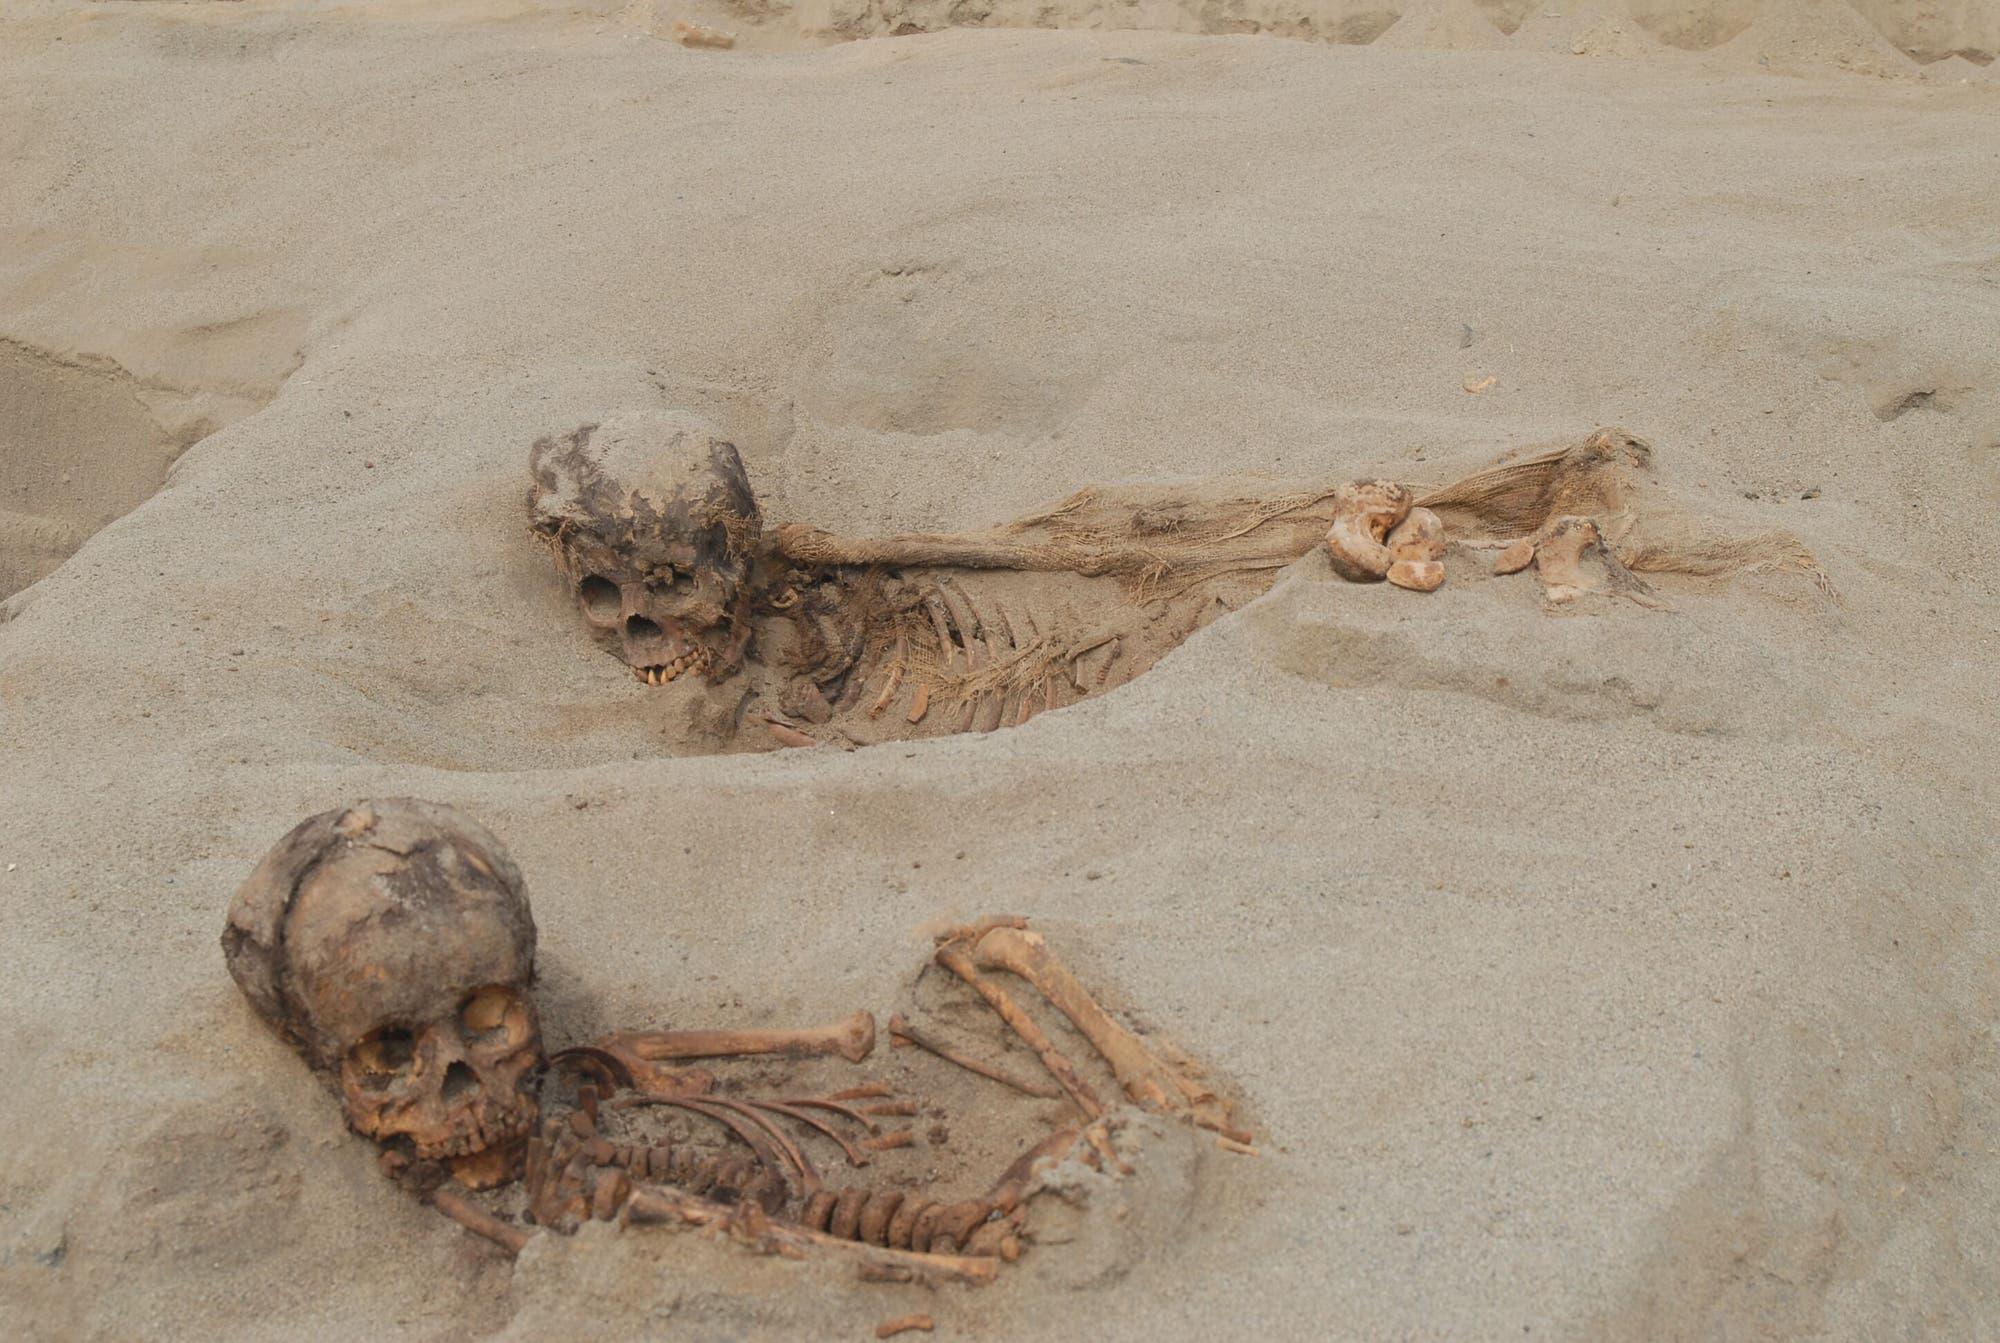 Skelette in der Wüste